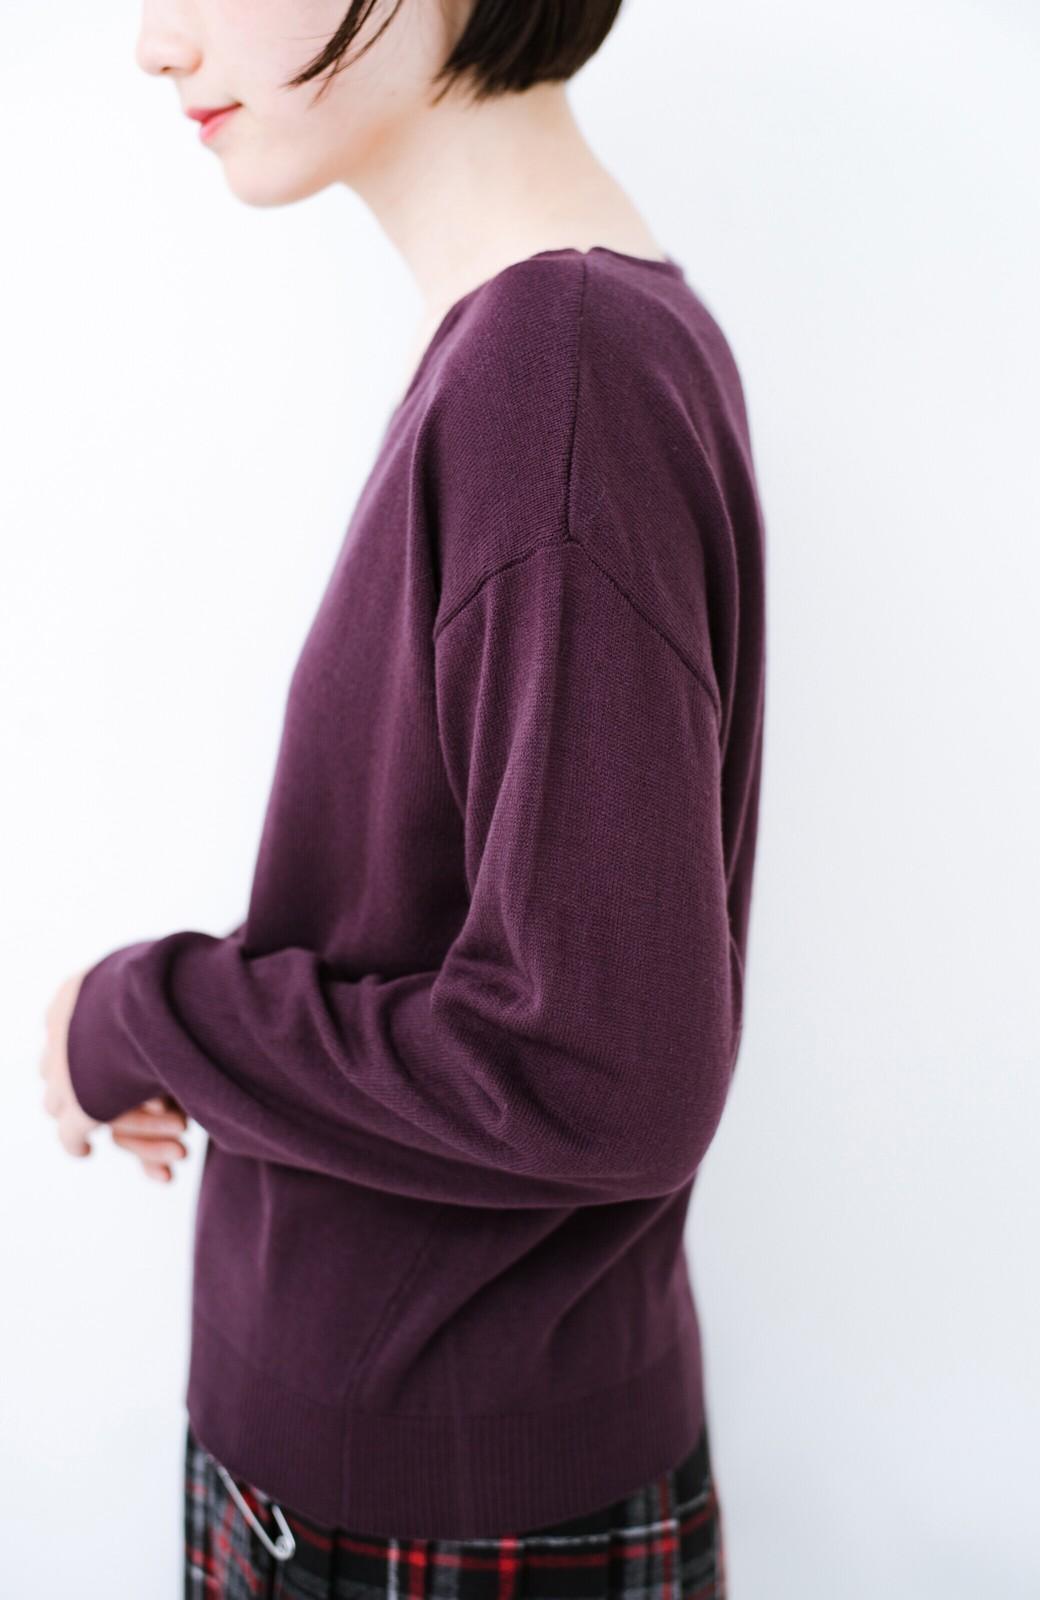 haco! 寝坊した朝でも安心!パッと着るだけでコーデが完成する女っぽニットアップ <パープル>の商品写真3